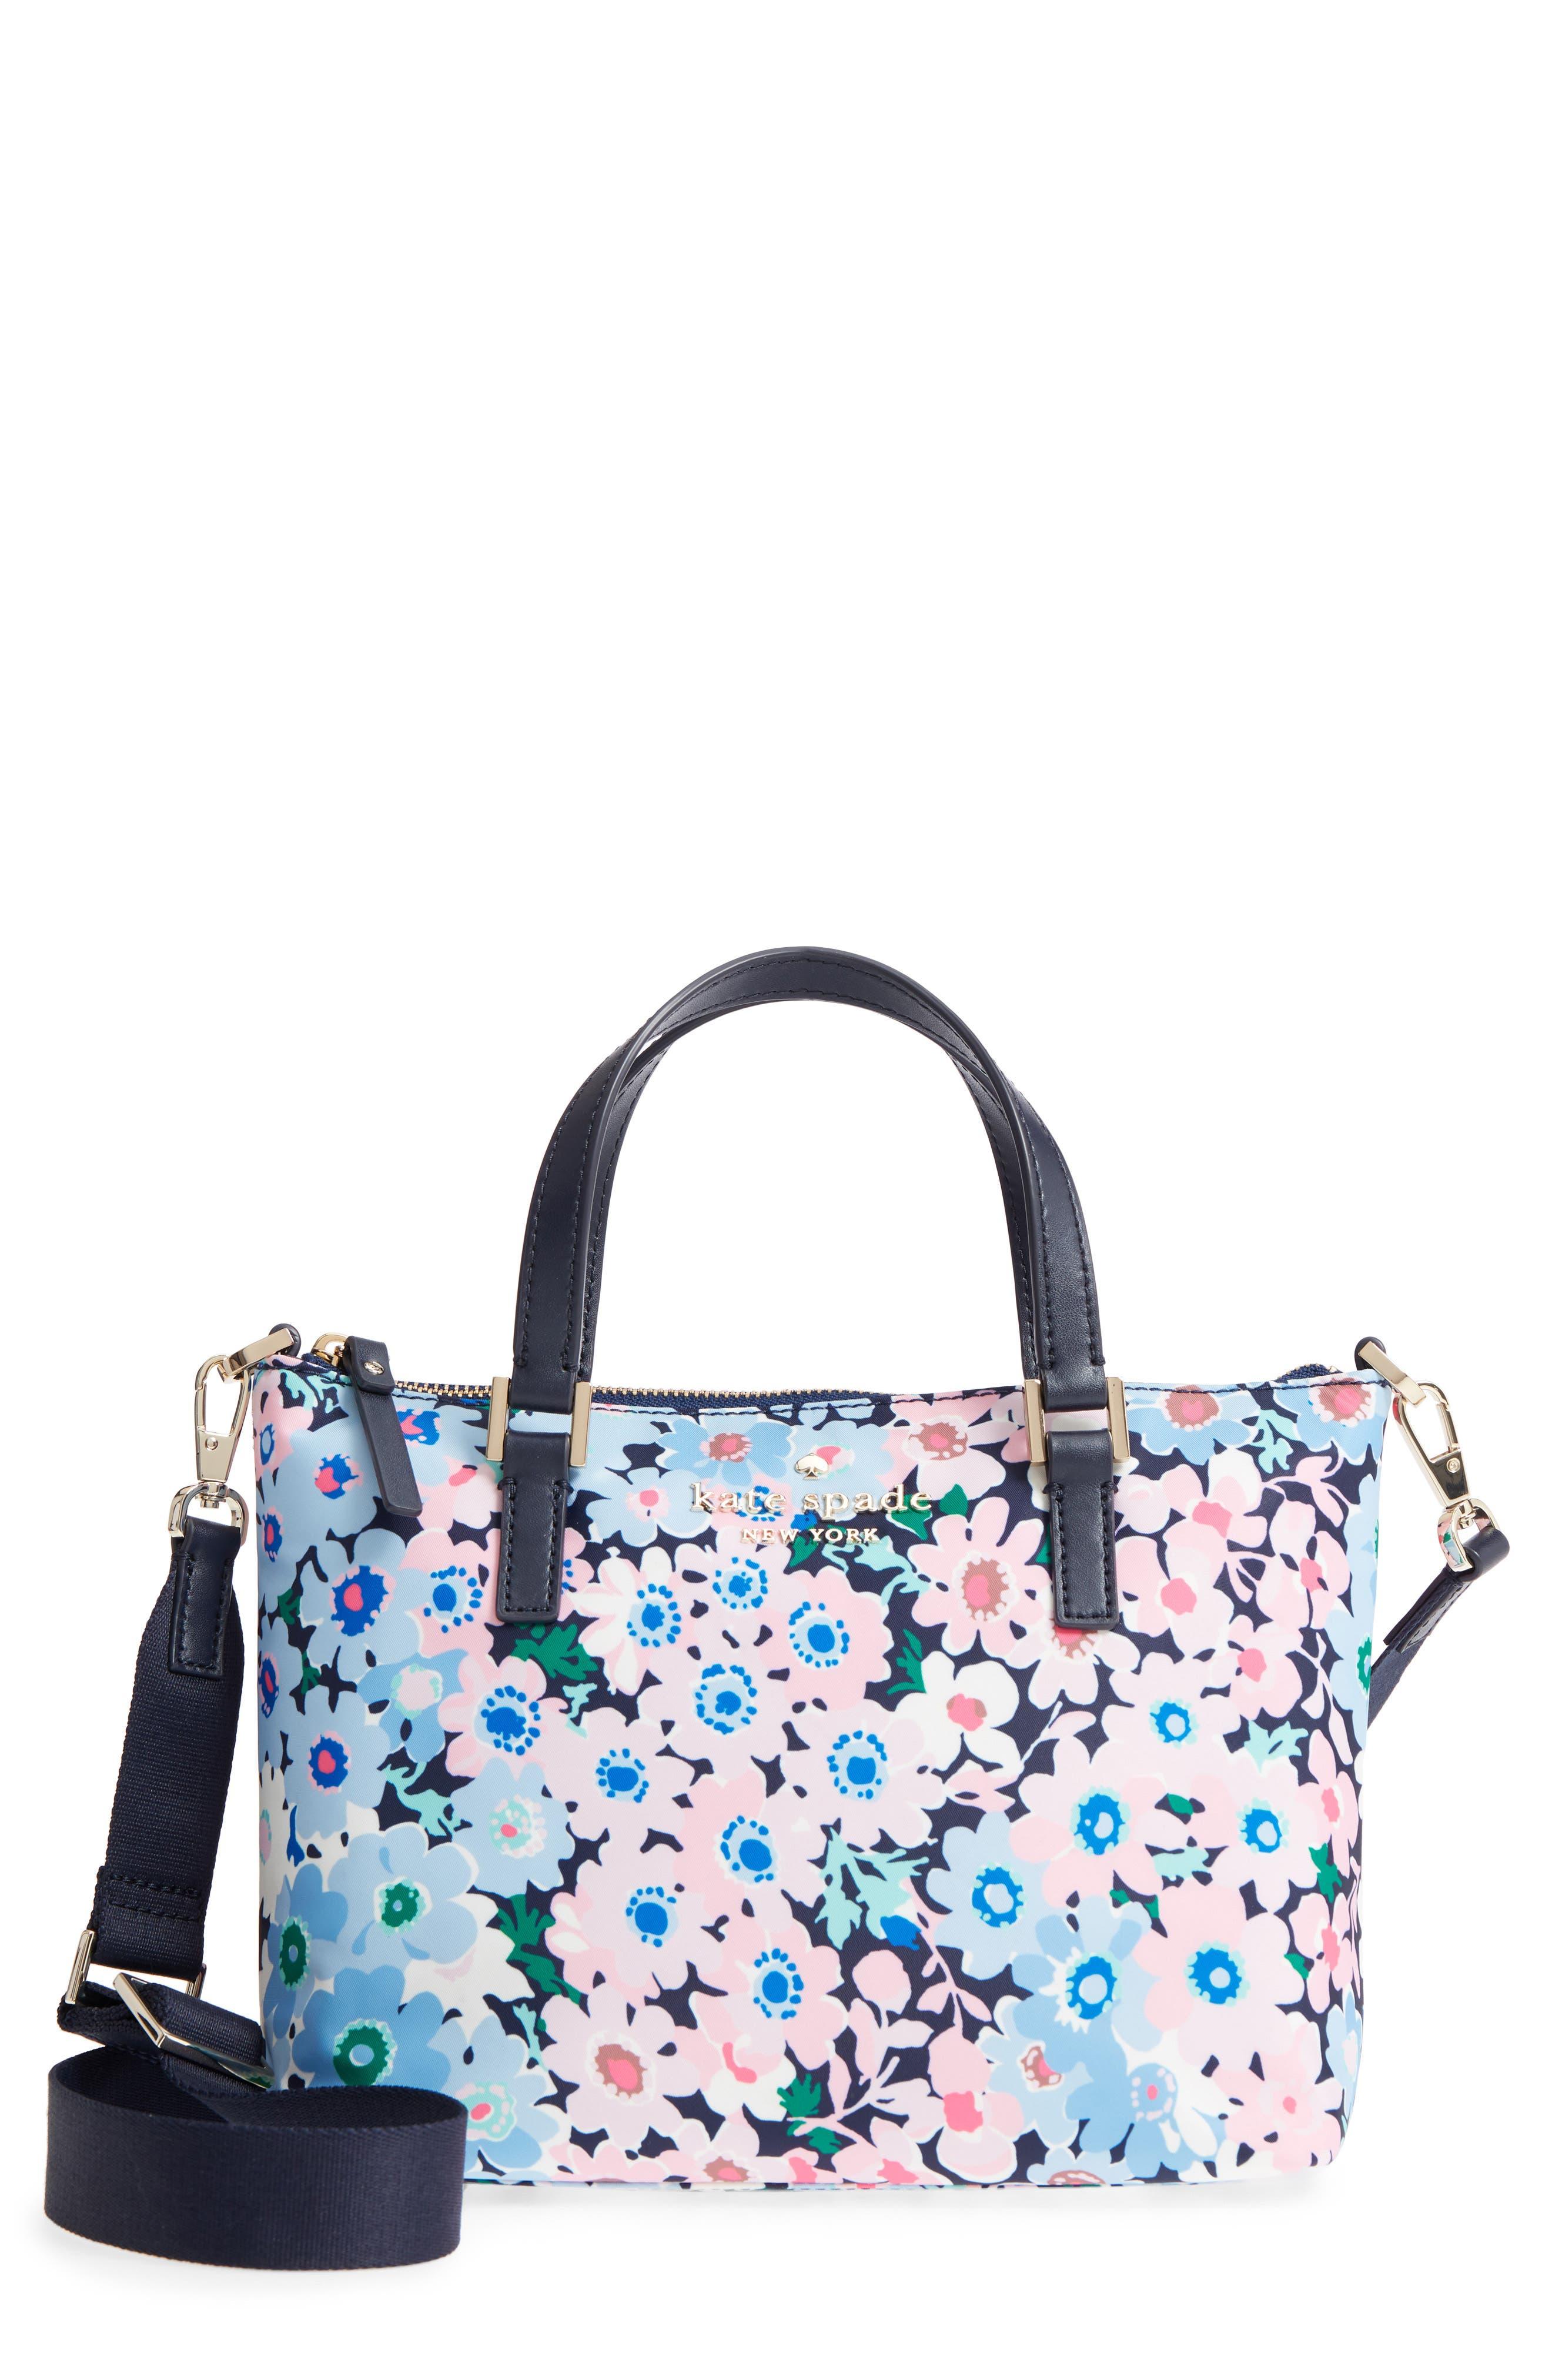 watson lane - daisy garden lucie crossbody bag,                         Main,                         color,